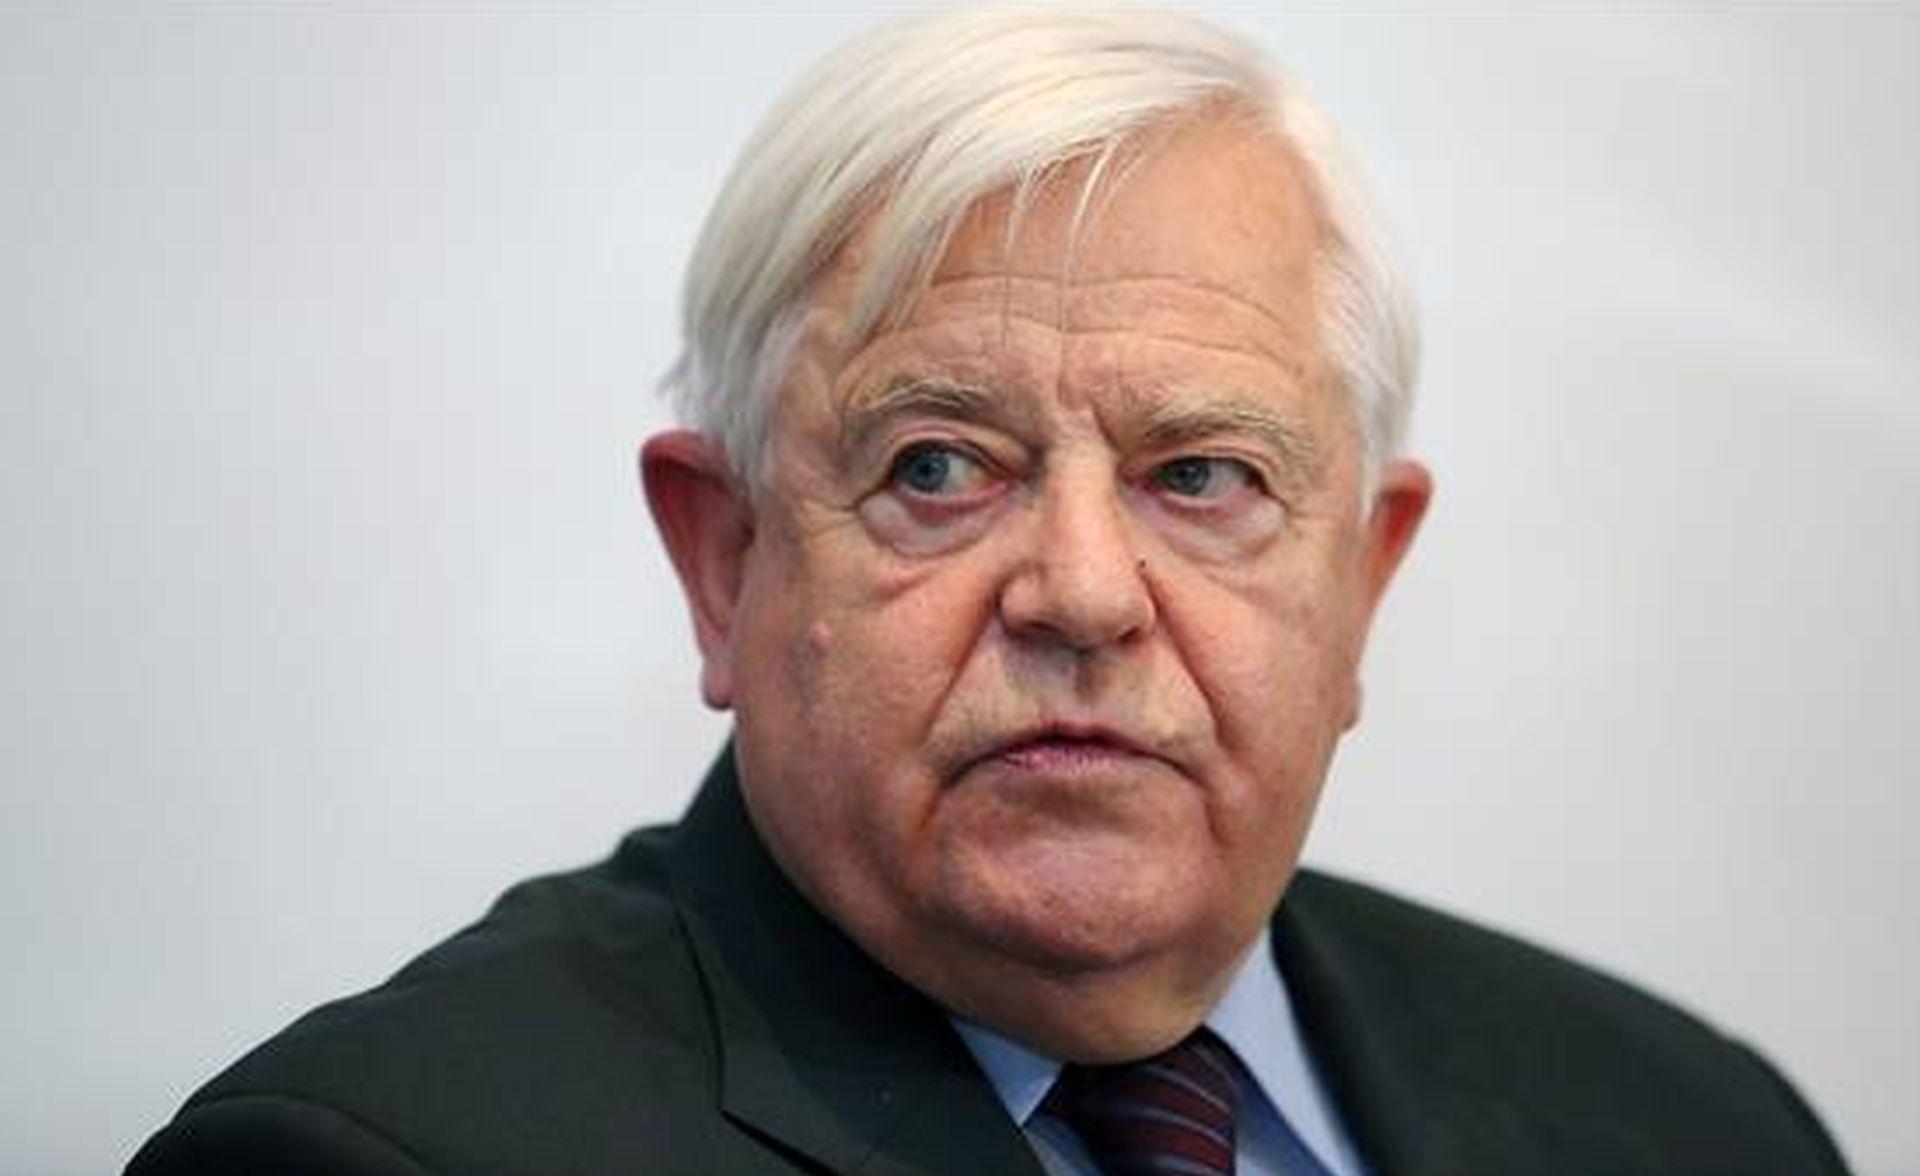 """O RAZGOVORIMA S VRHOM JNA Kučan: """"Odgovorni političari u odsutnim trenucima moraju preuzeti odgovornost"""""""